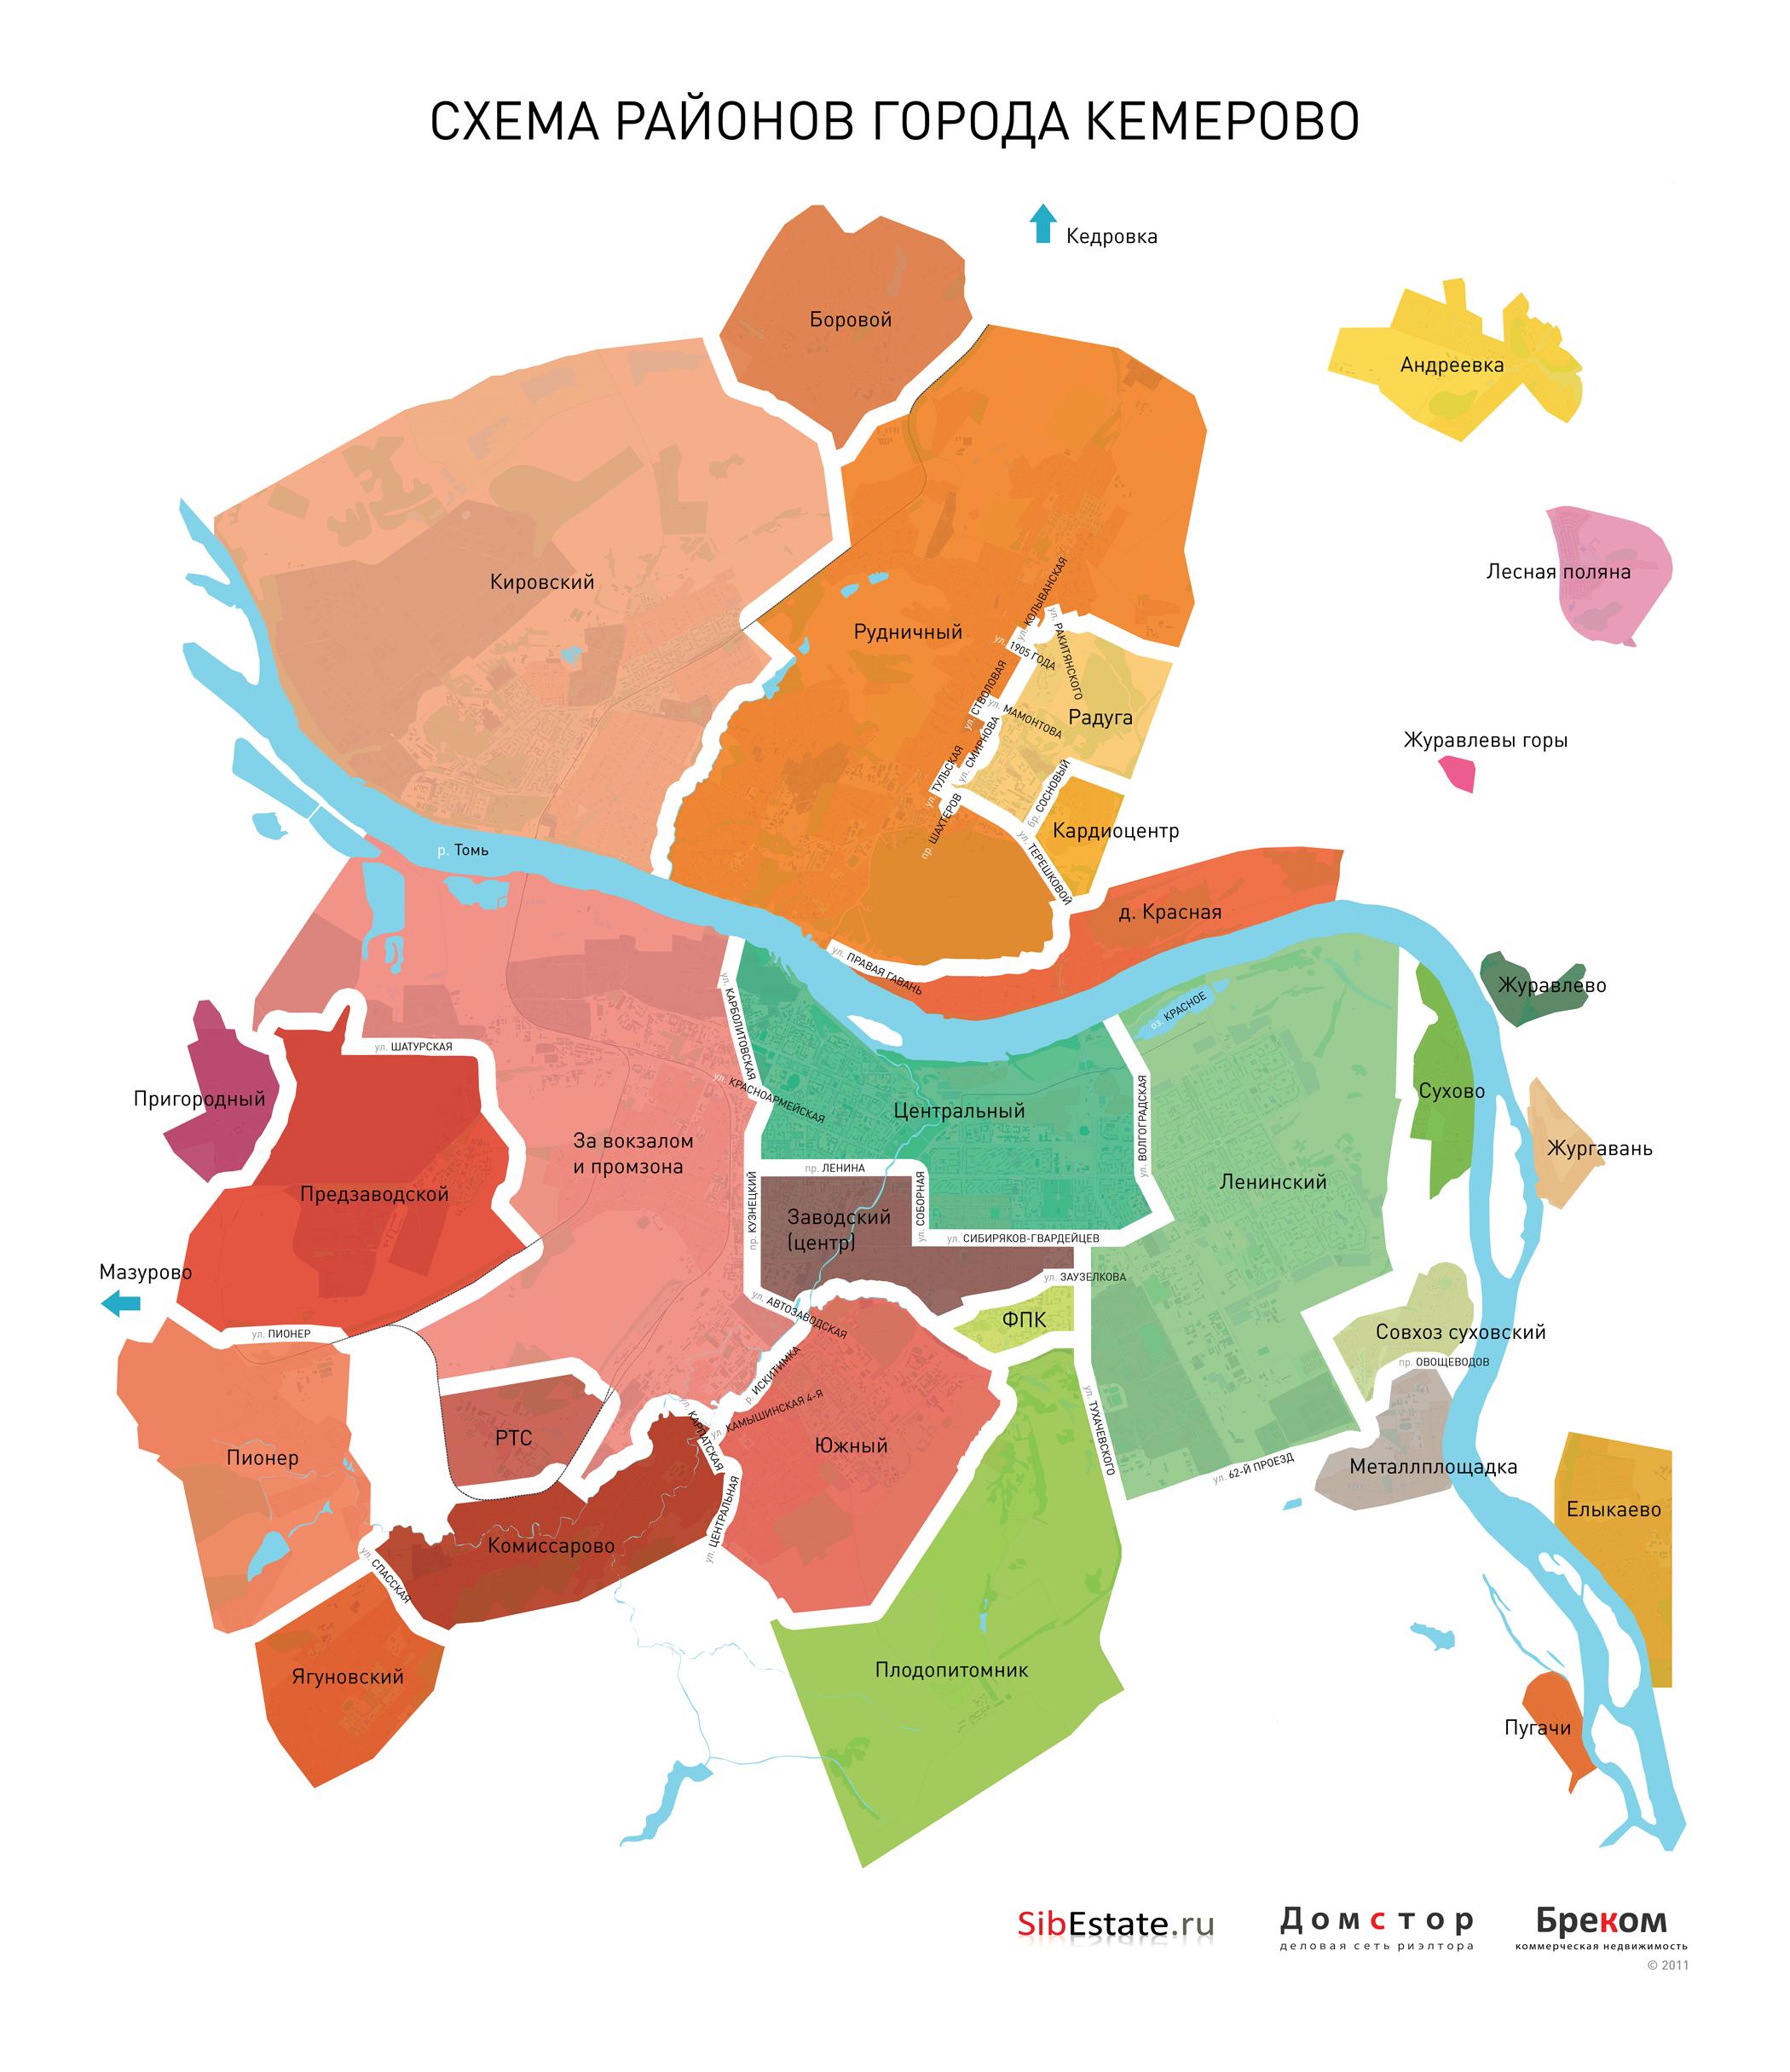 Глоссарий.  Схема районов города Кемерово.